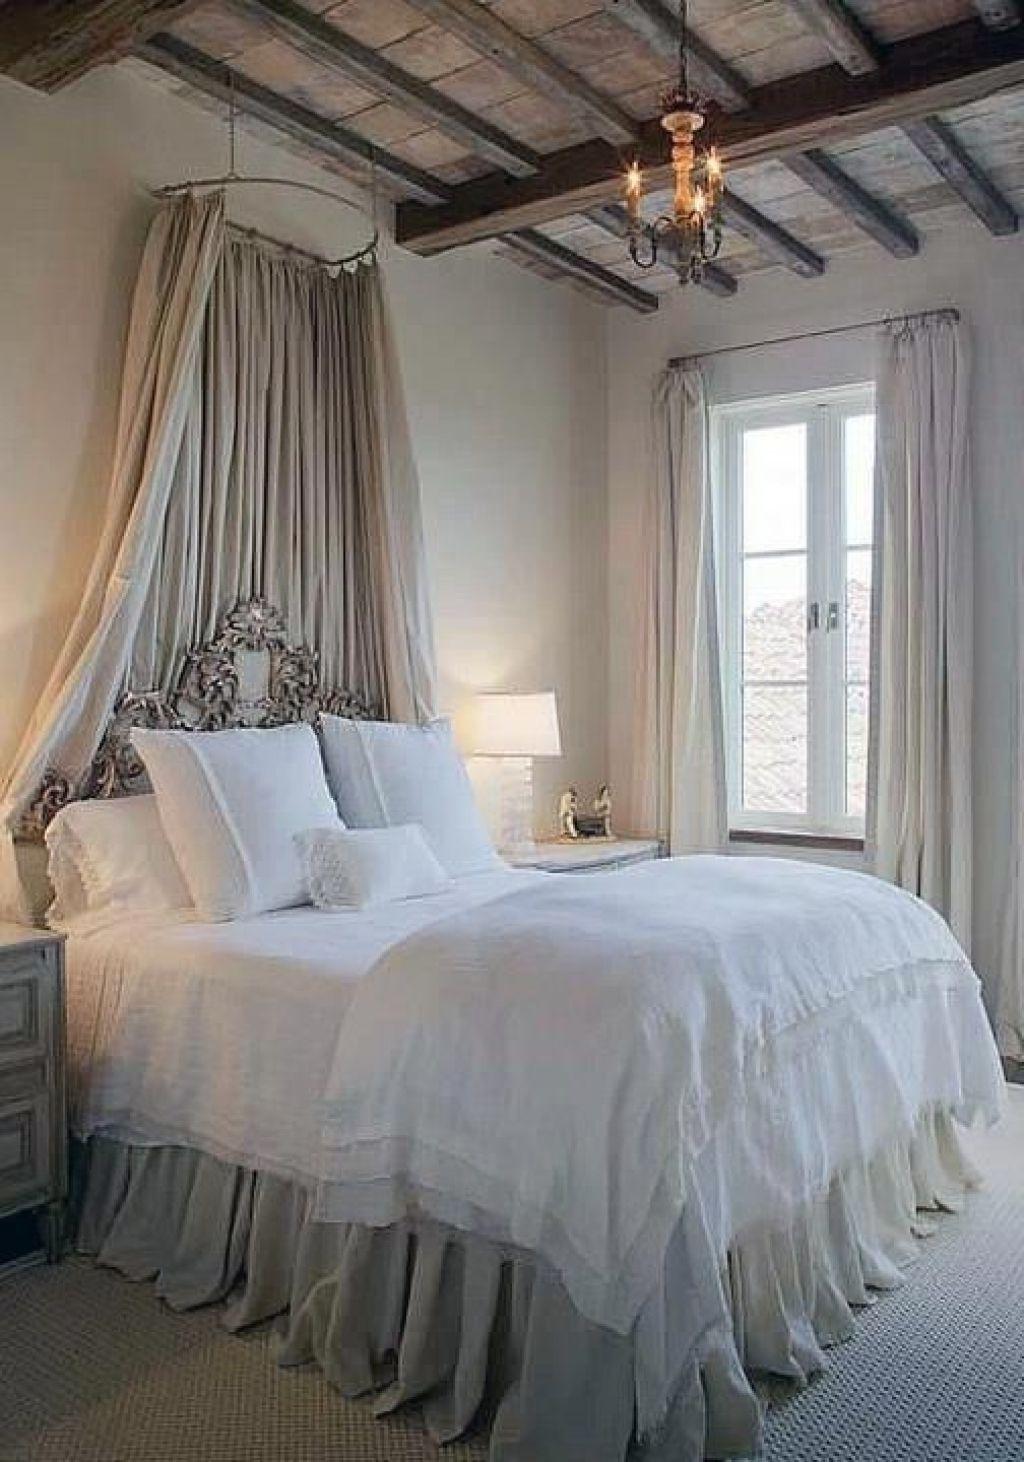 Französisch Schlafzimmer Beleuchtung #Schlafzimmer | Schlafzimmer ...